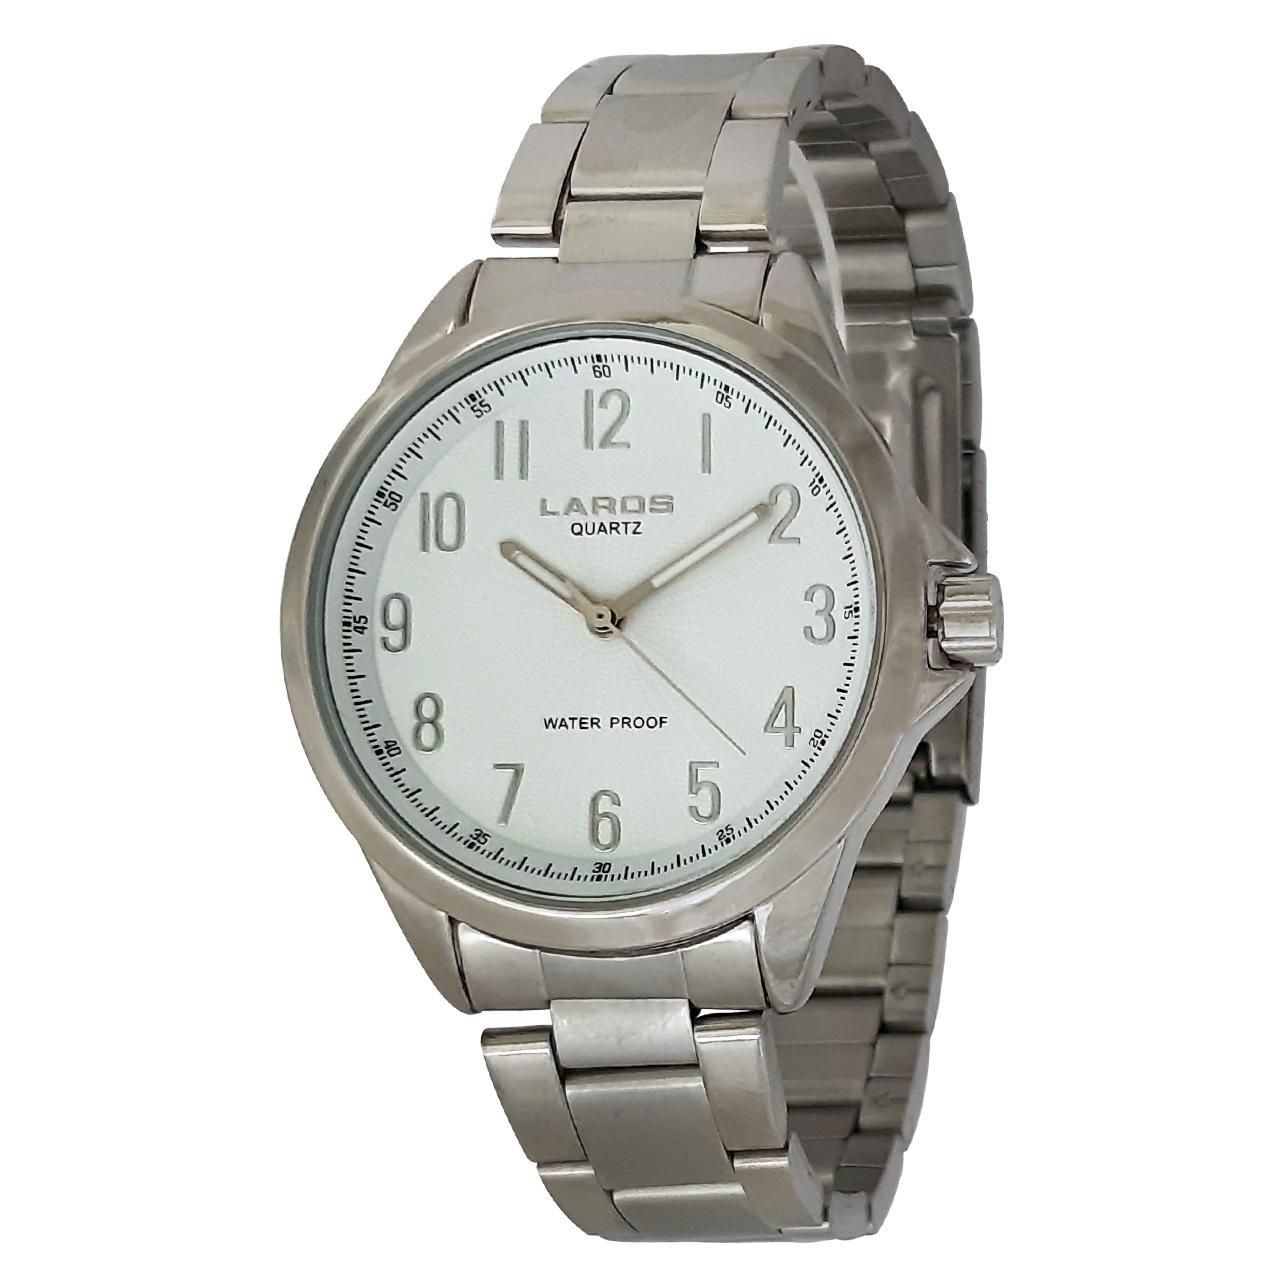 ساعت مچی عقربه ای مردانه لاروس مدل0517-79981 به همراه دستمال مخصوص برند کلین واچ 55